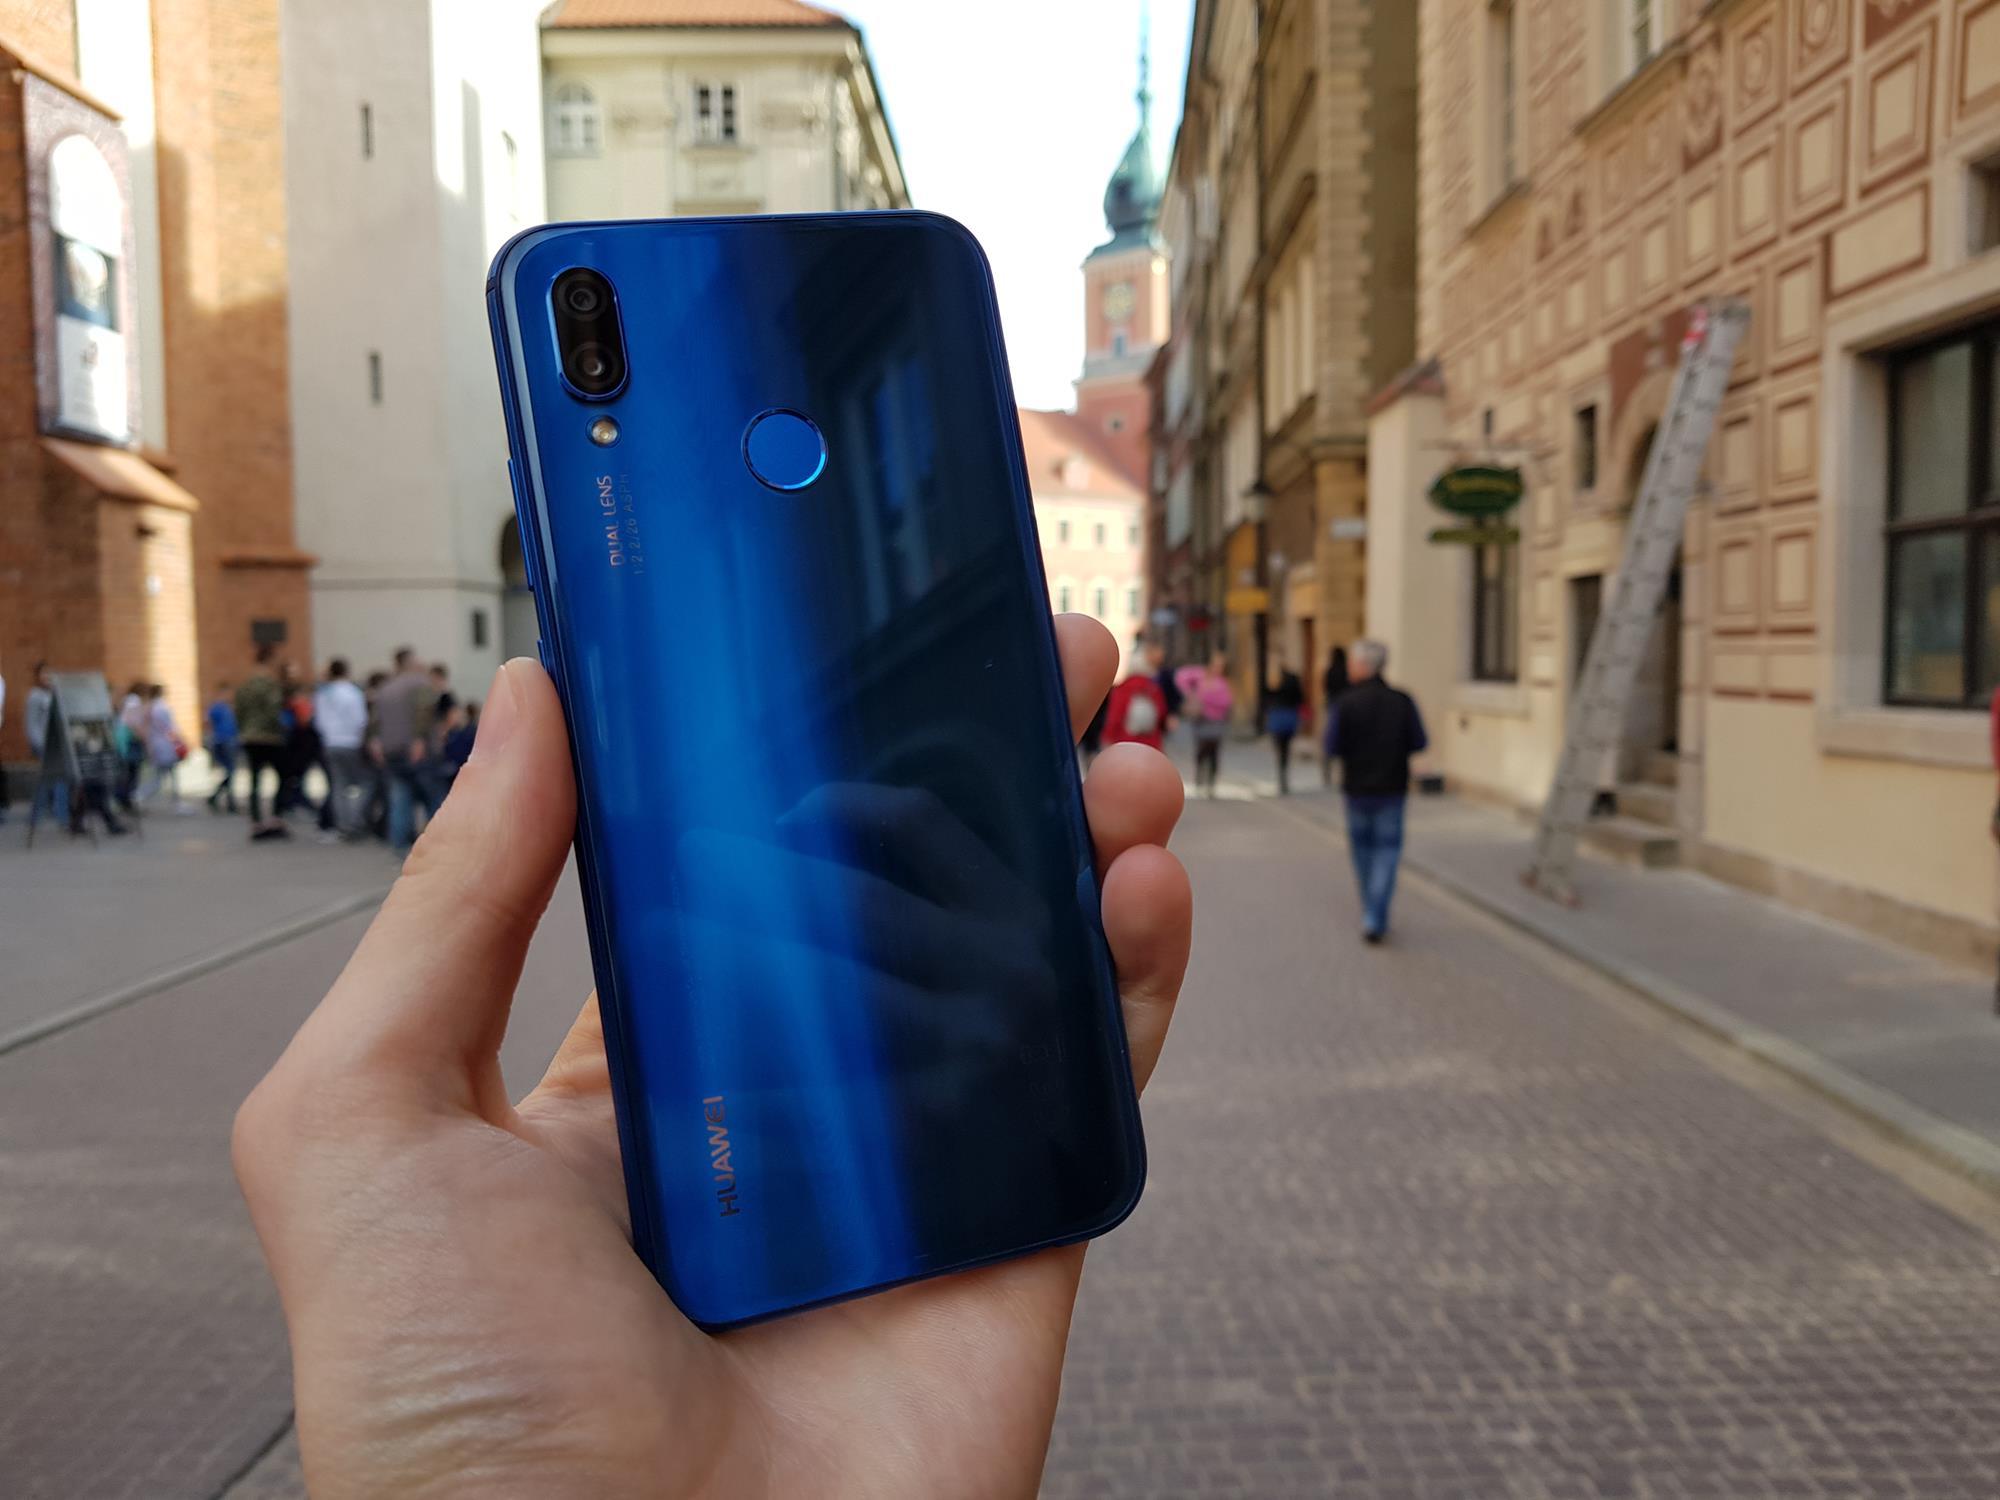 Recenzja Huawei P20 Lite - średniak z aspiracjami, lecz w zbyt wysokiej cenie 66